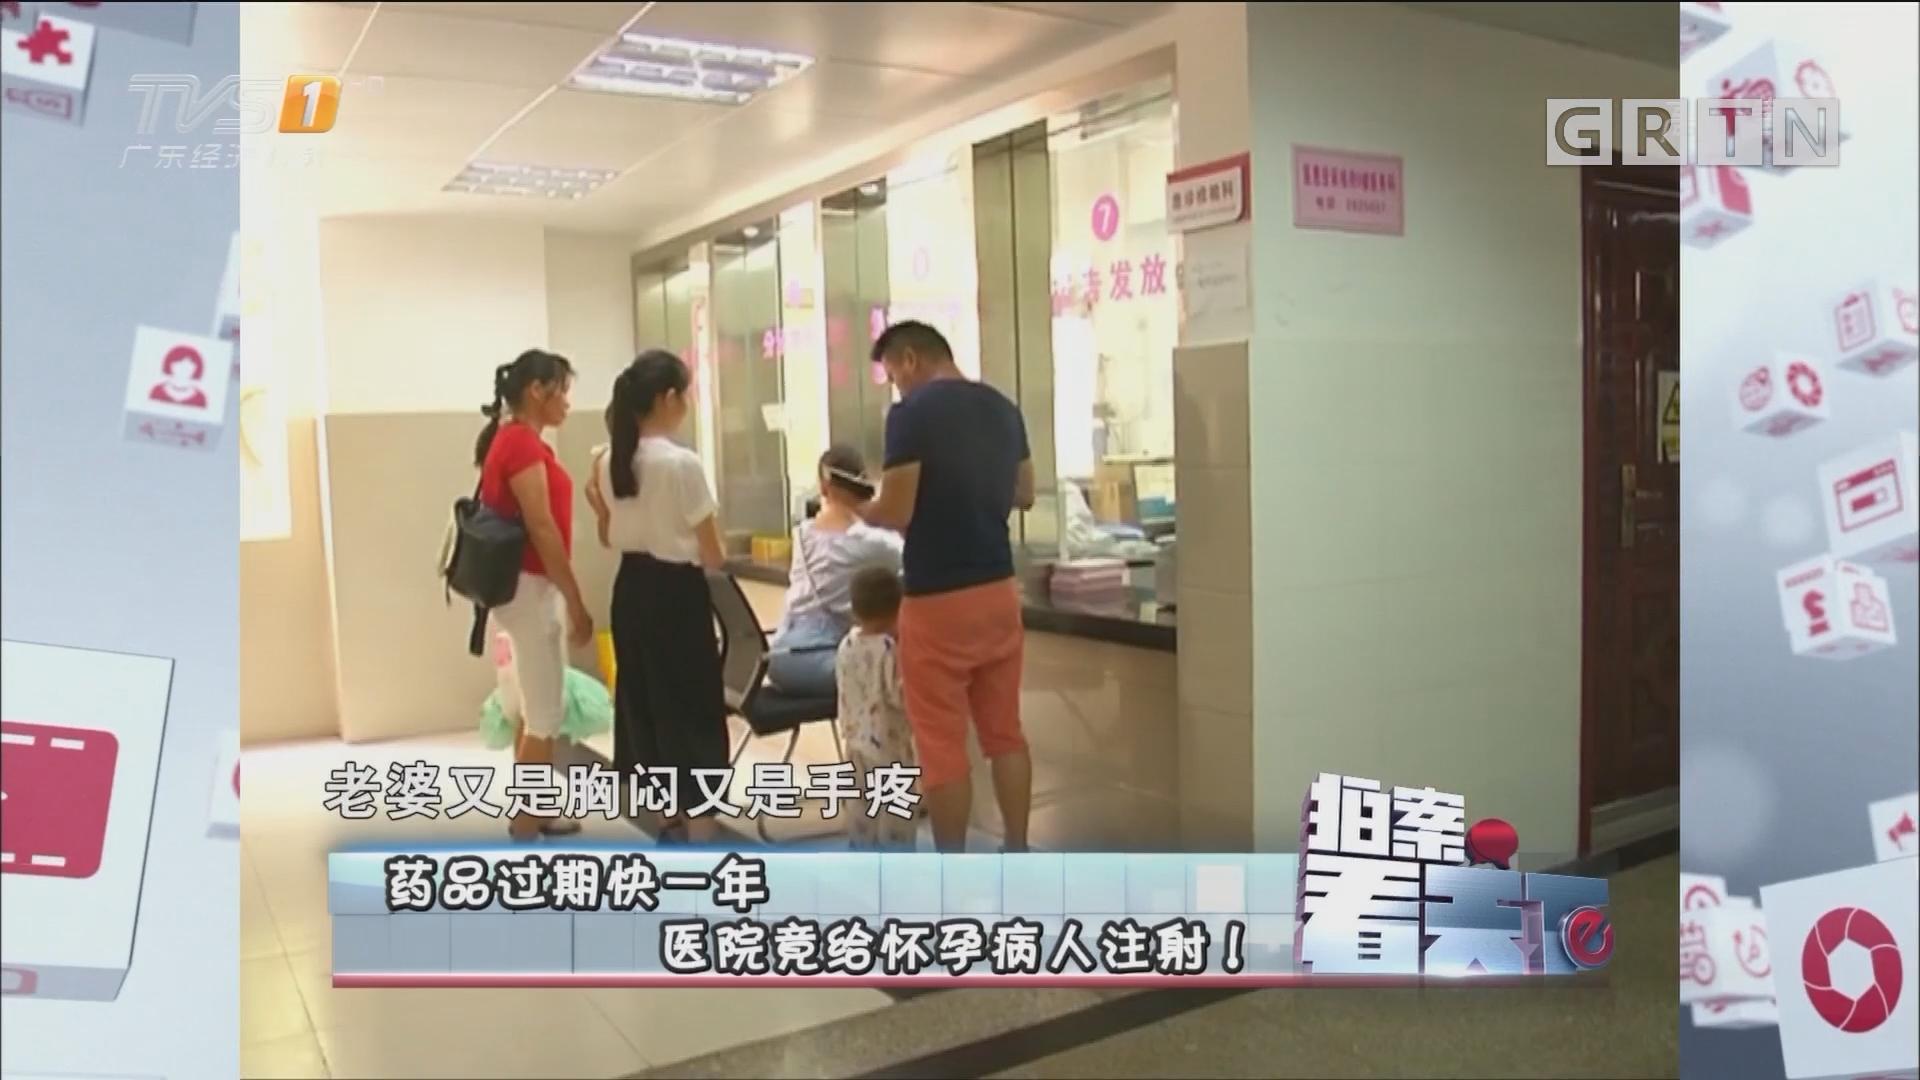 [HD][2017-07-31]拍案看天下:药品过期快一年 医院竟给怀孕病人注射!